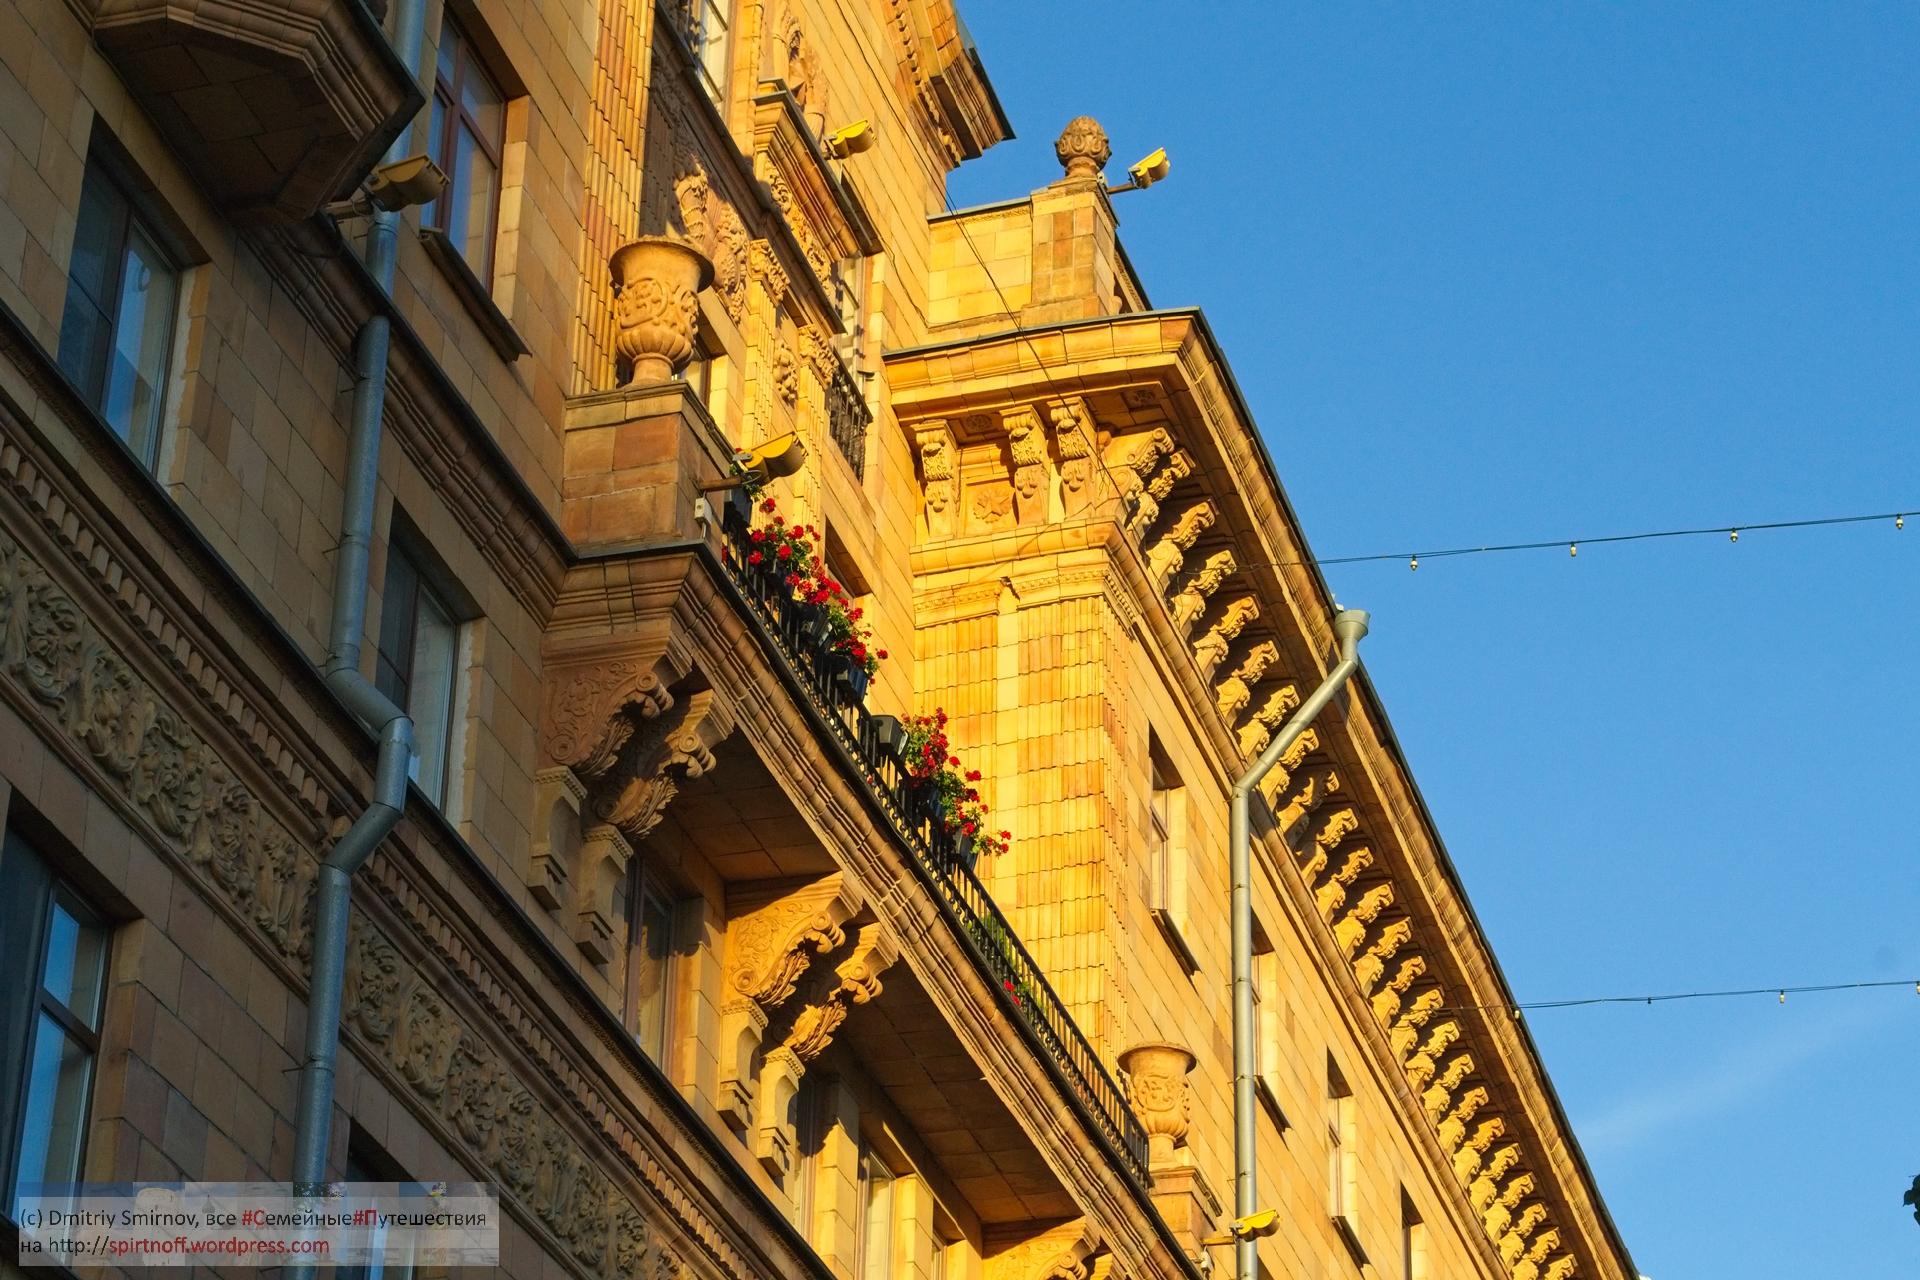 DSC_6950-Blog-27 Путешествия  Минск. Немига, Площадь Независимости